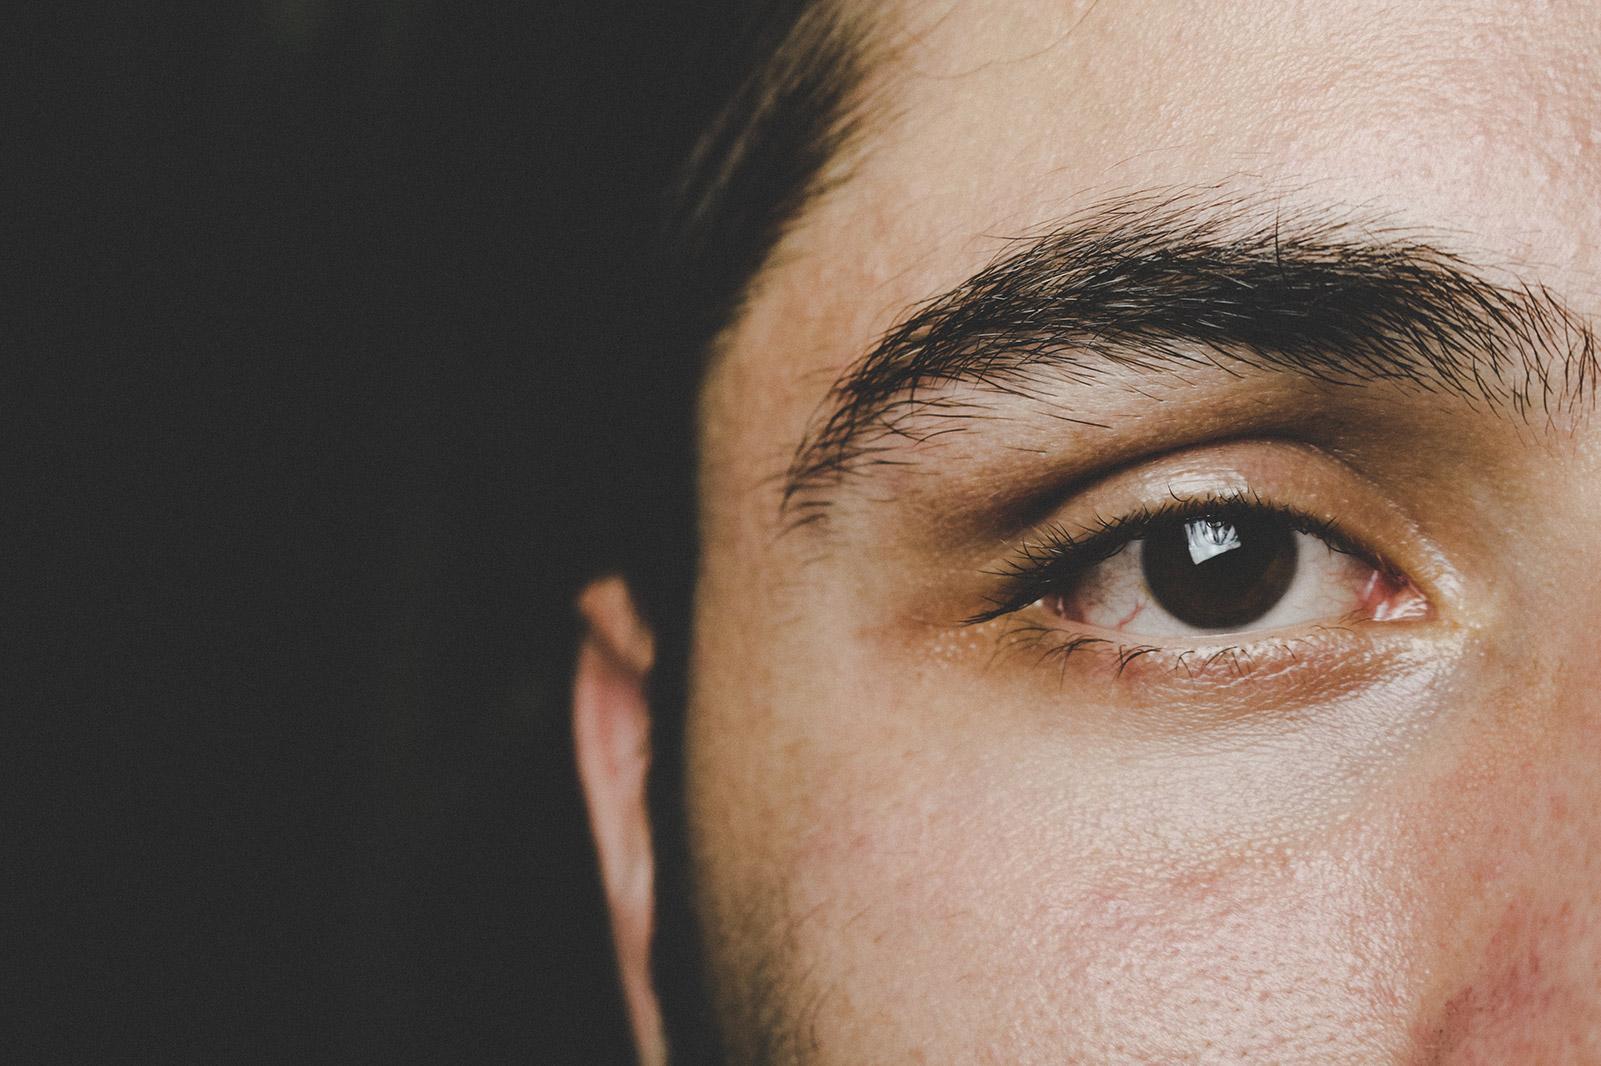 close up of a man's face